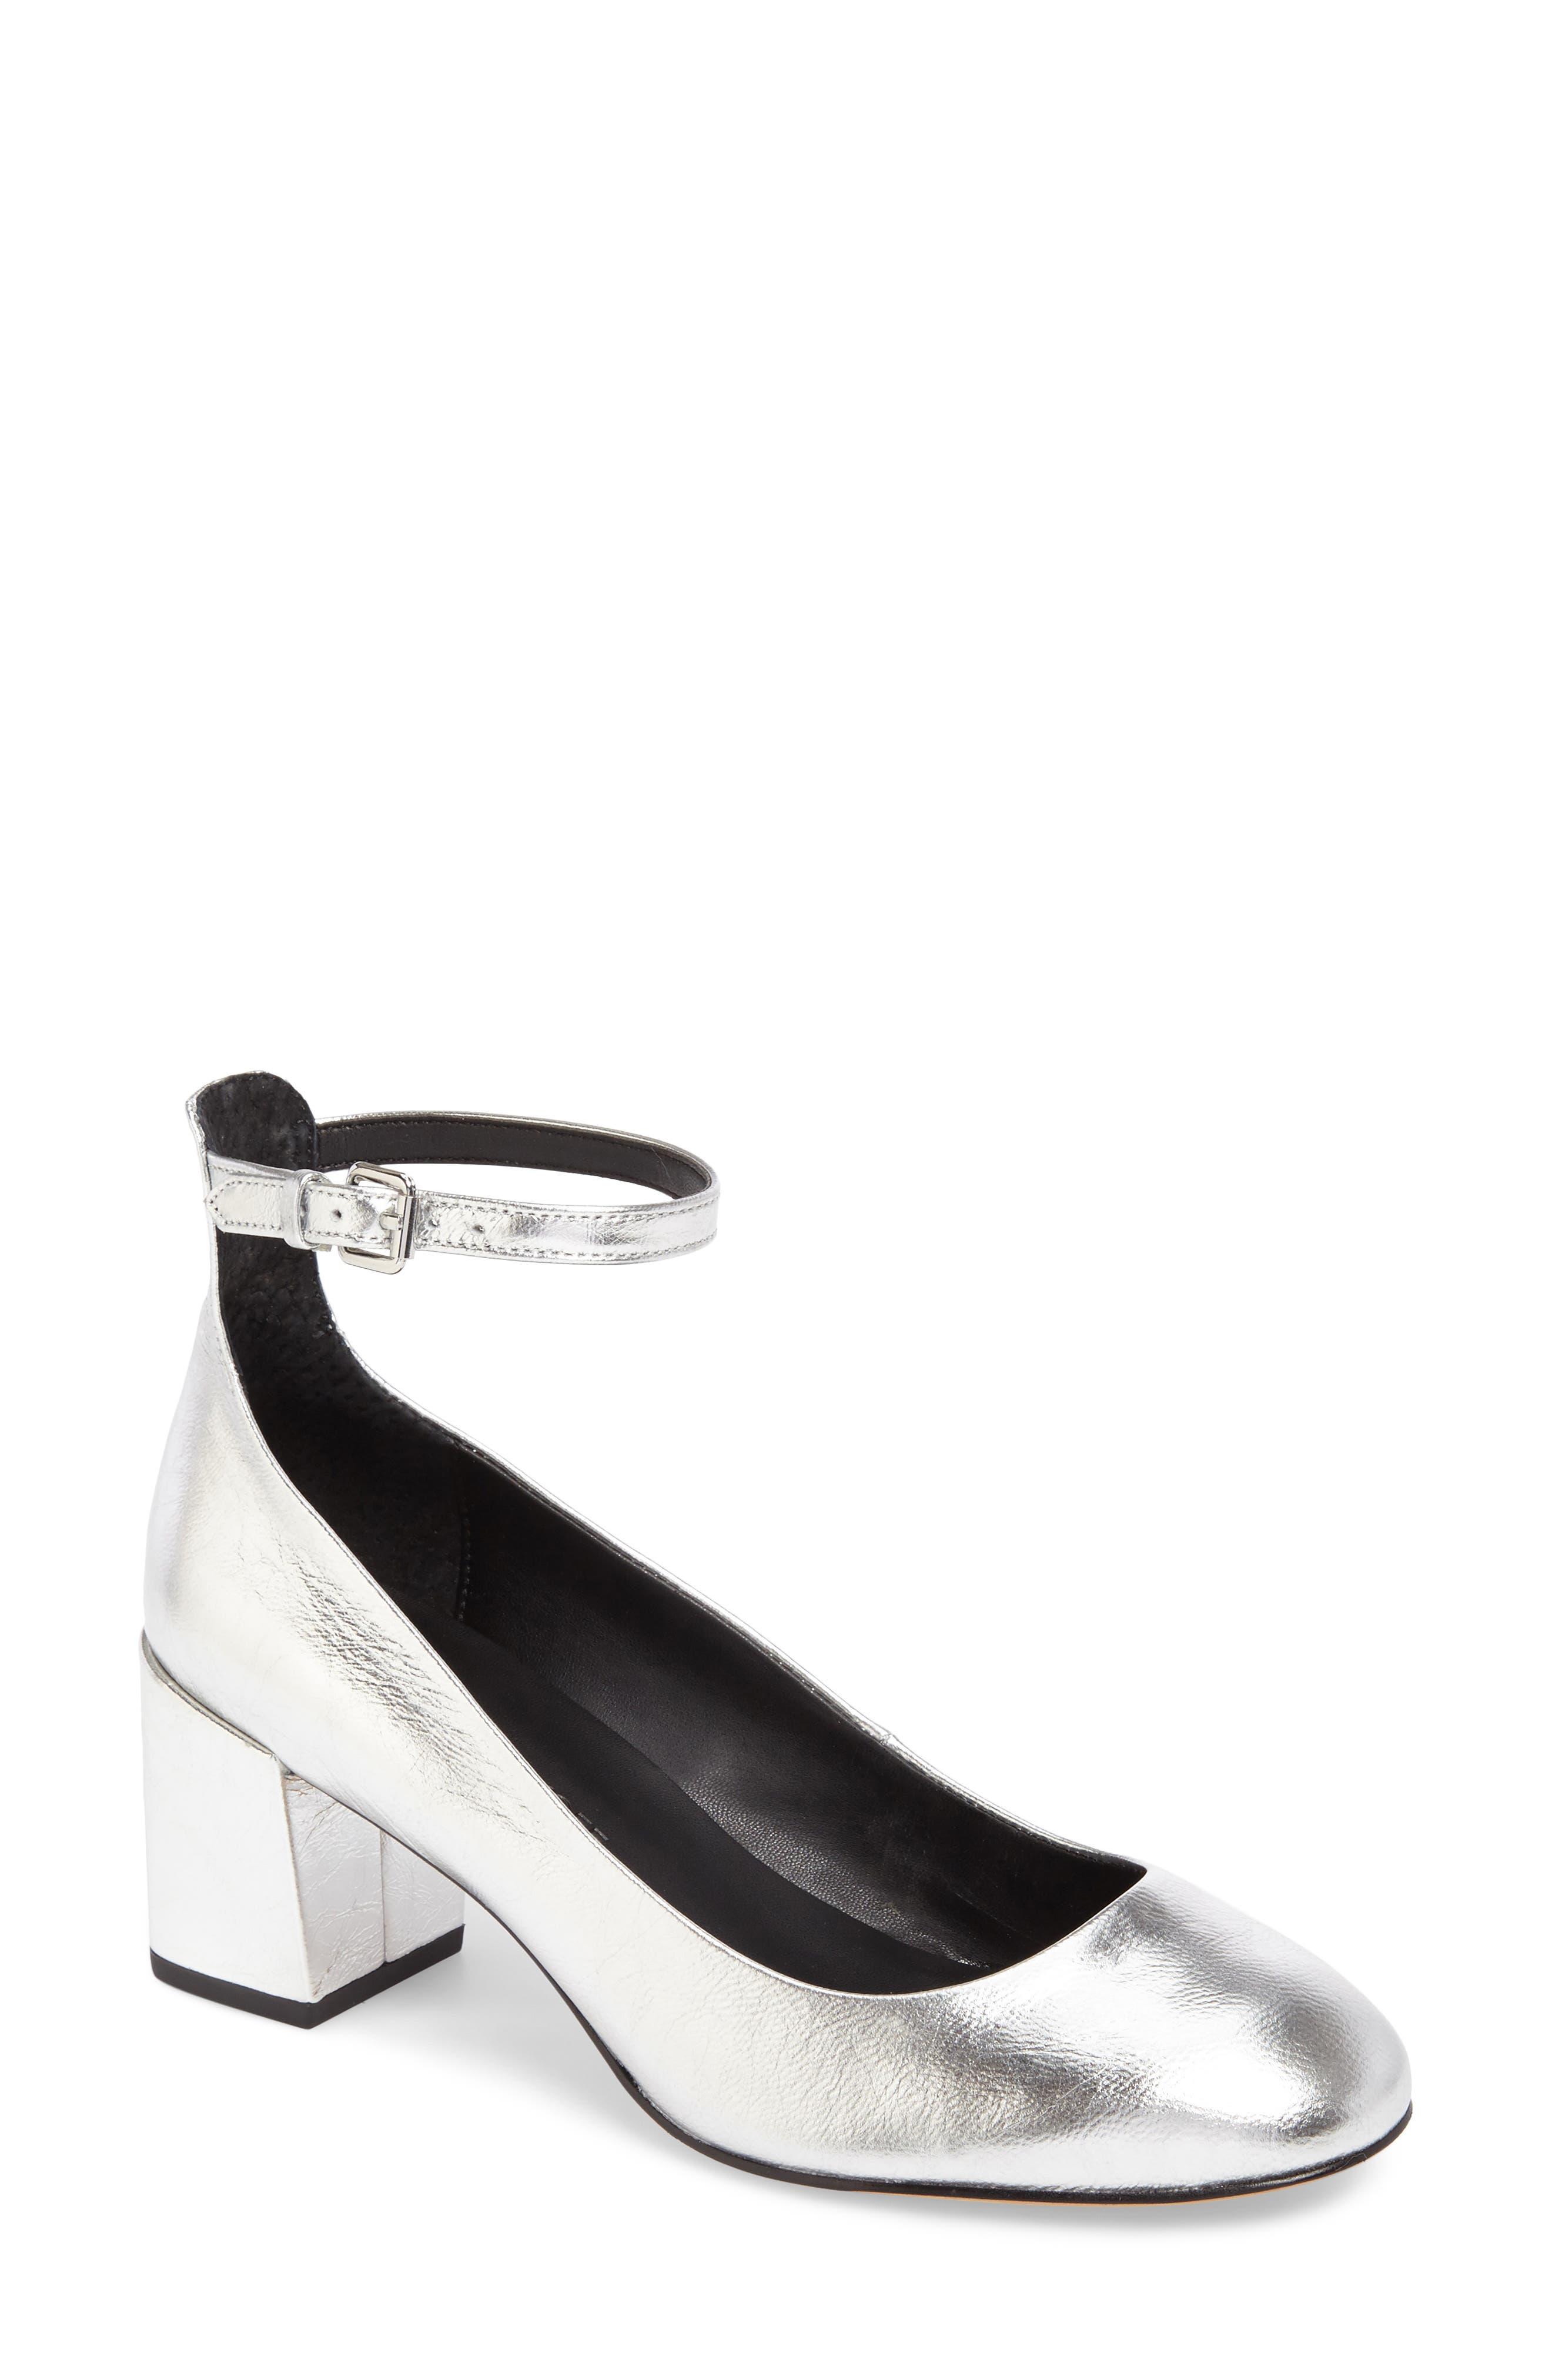 Bridget Ankle Strap Pump,                         Main,                         color, Silver Leather